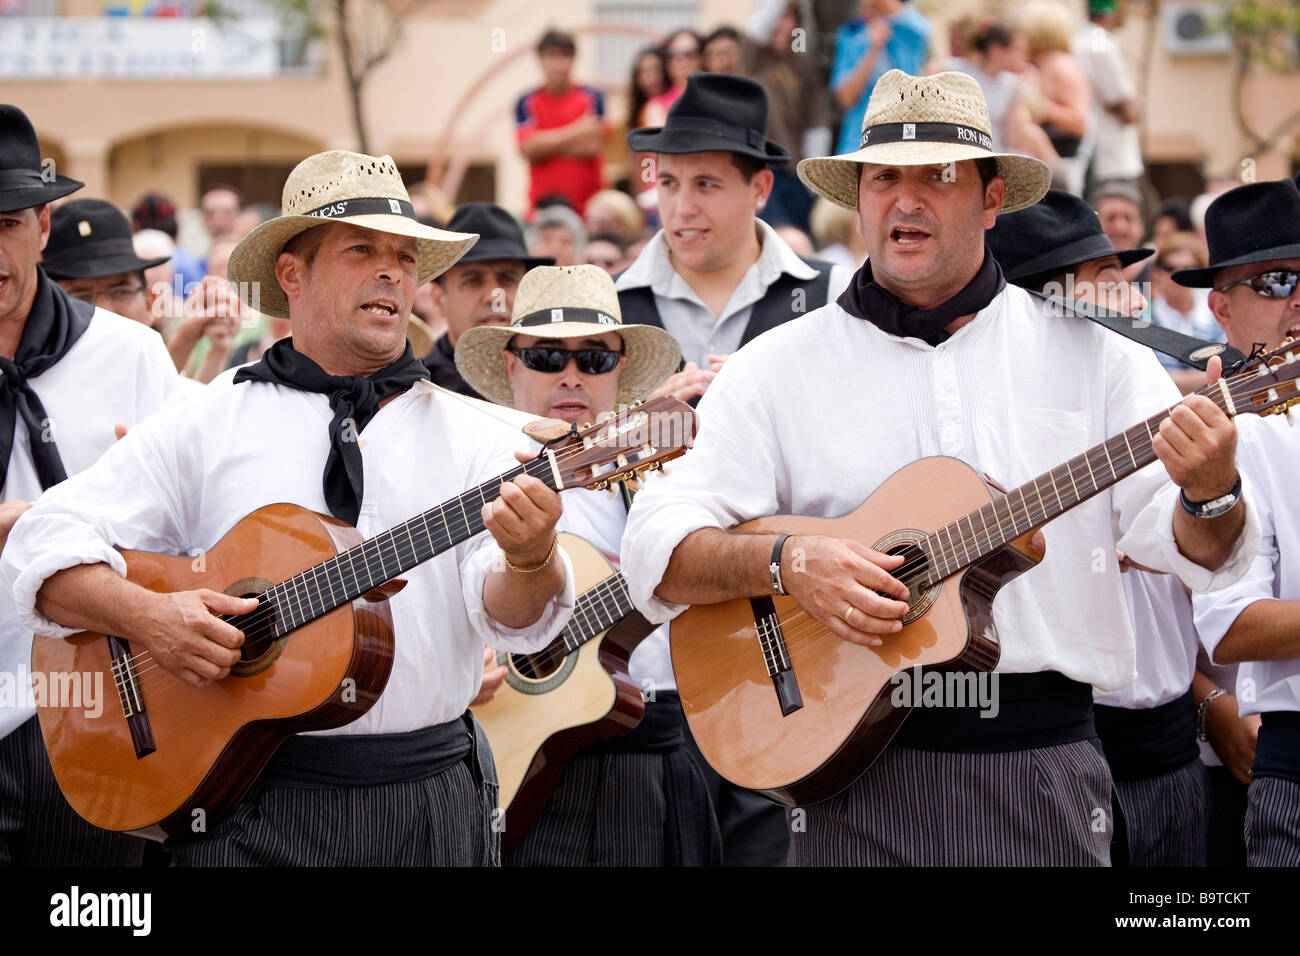 Kanarische Musikgruppe internationale Messe für die Menschen in Fuengirola Málaga Sonnenküste Andalusien Stockbild